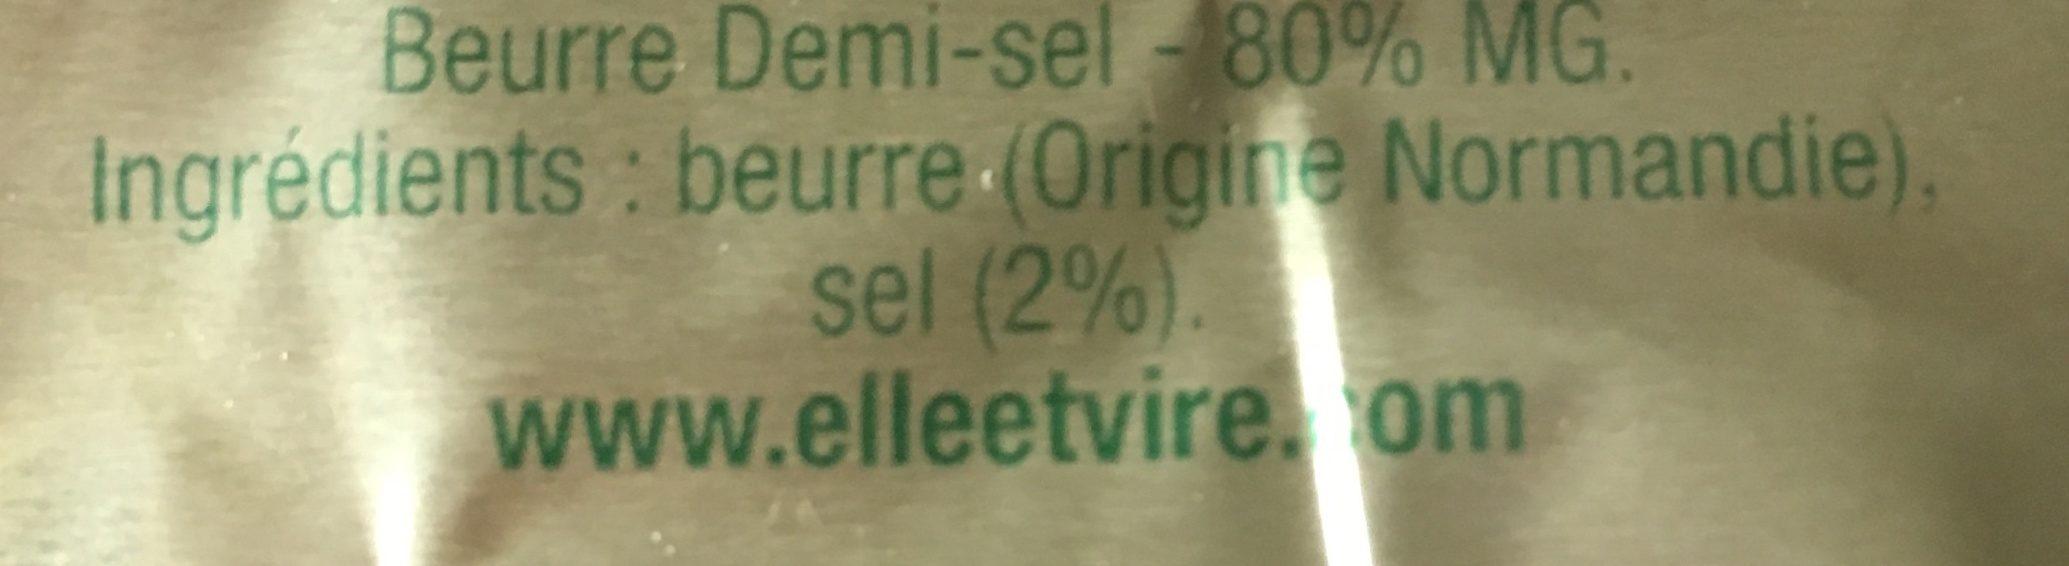 le Beurre normand demi sel - Ingrédients - fr